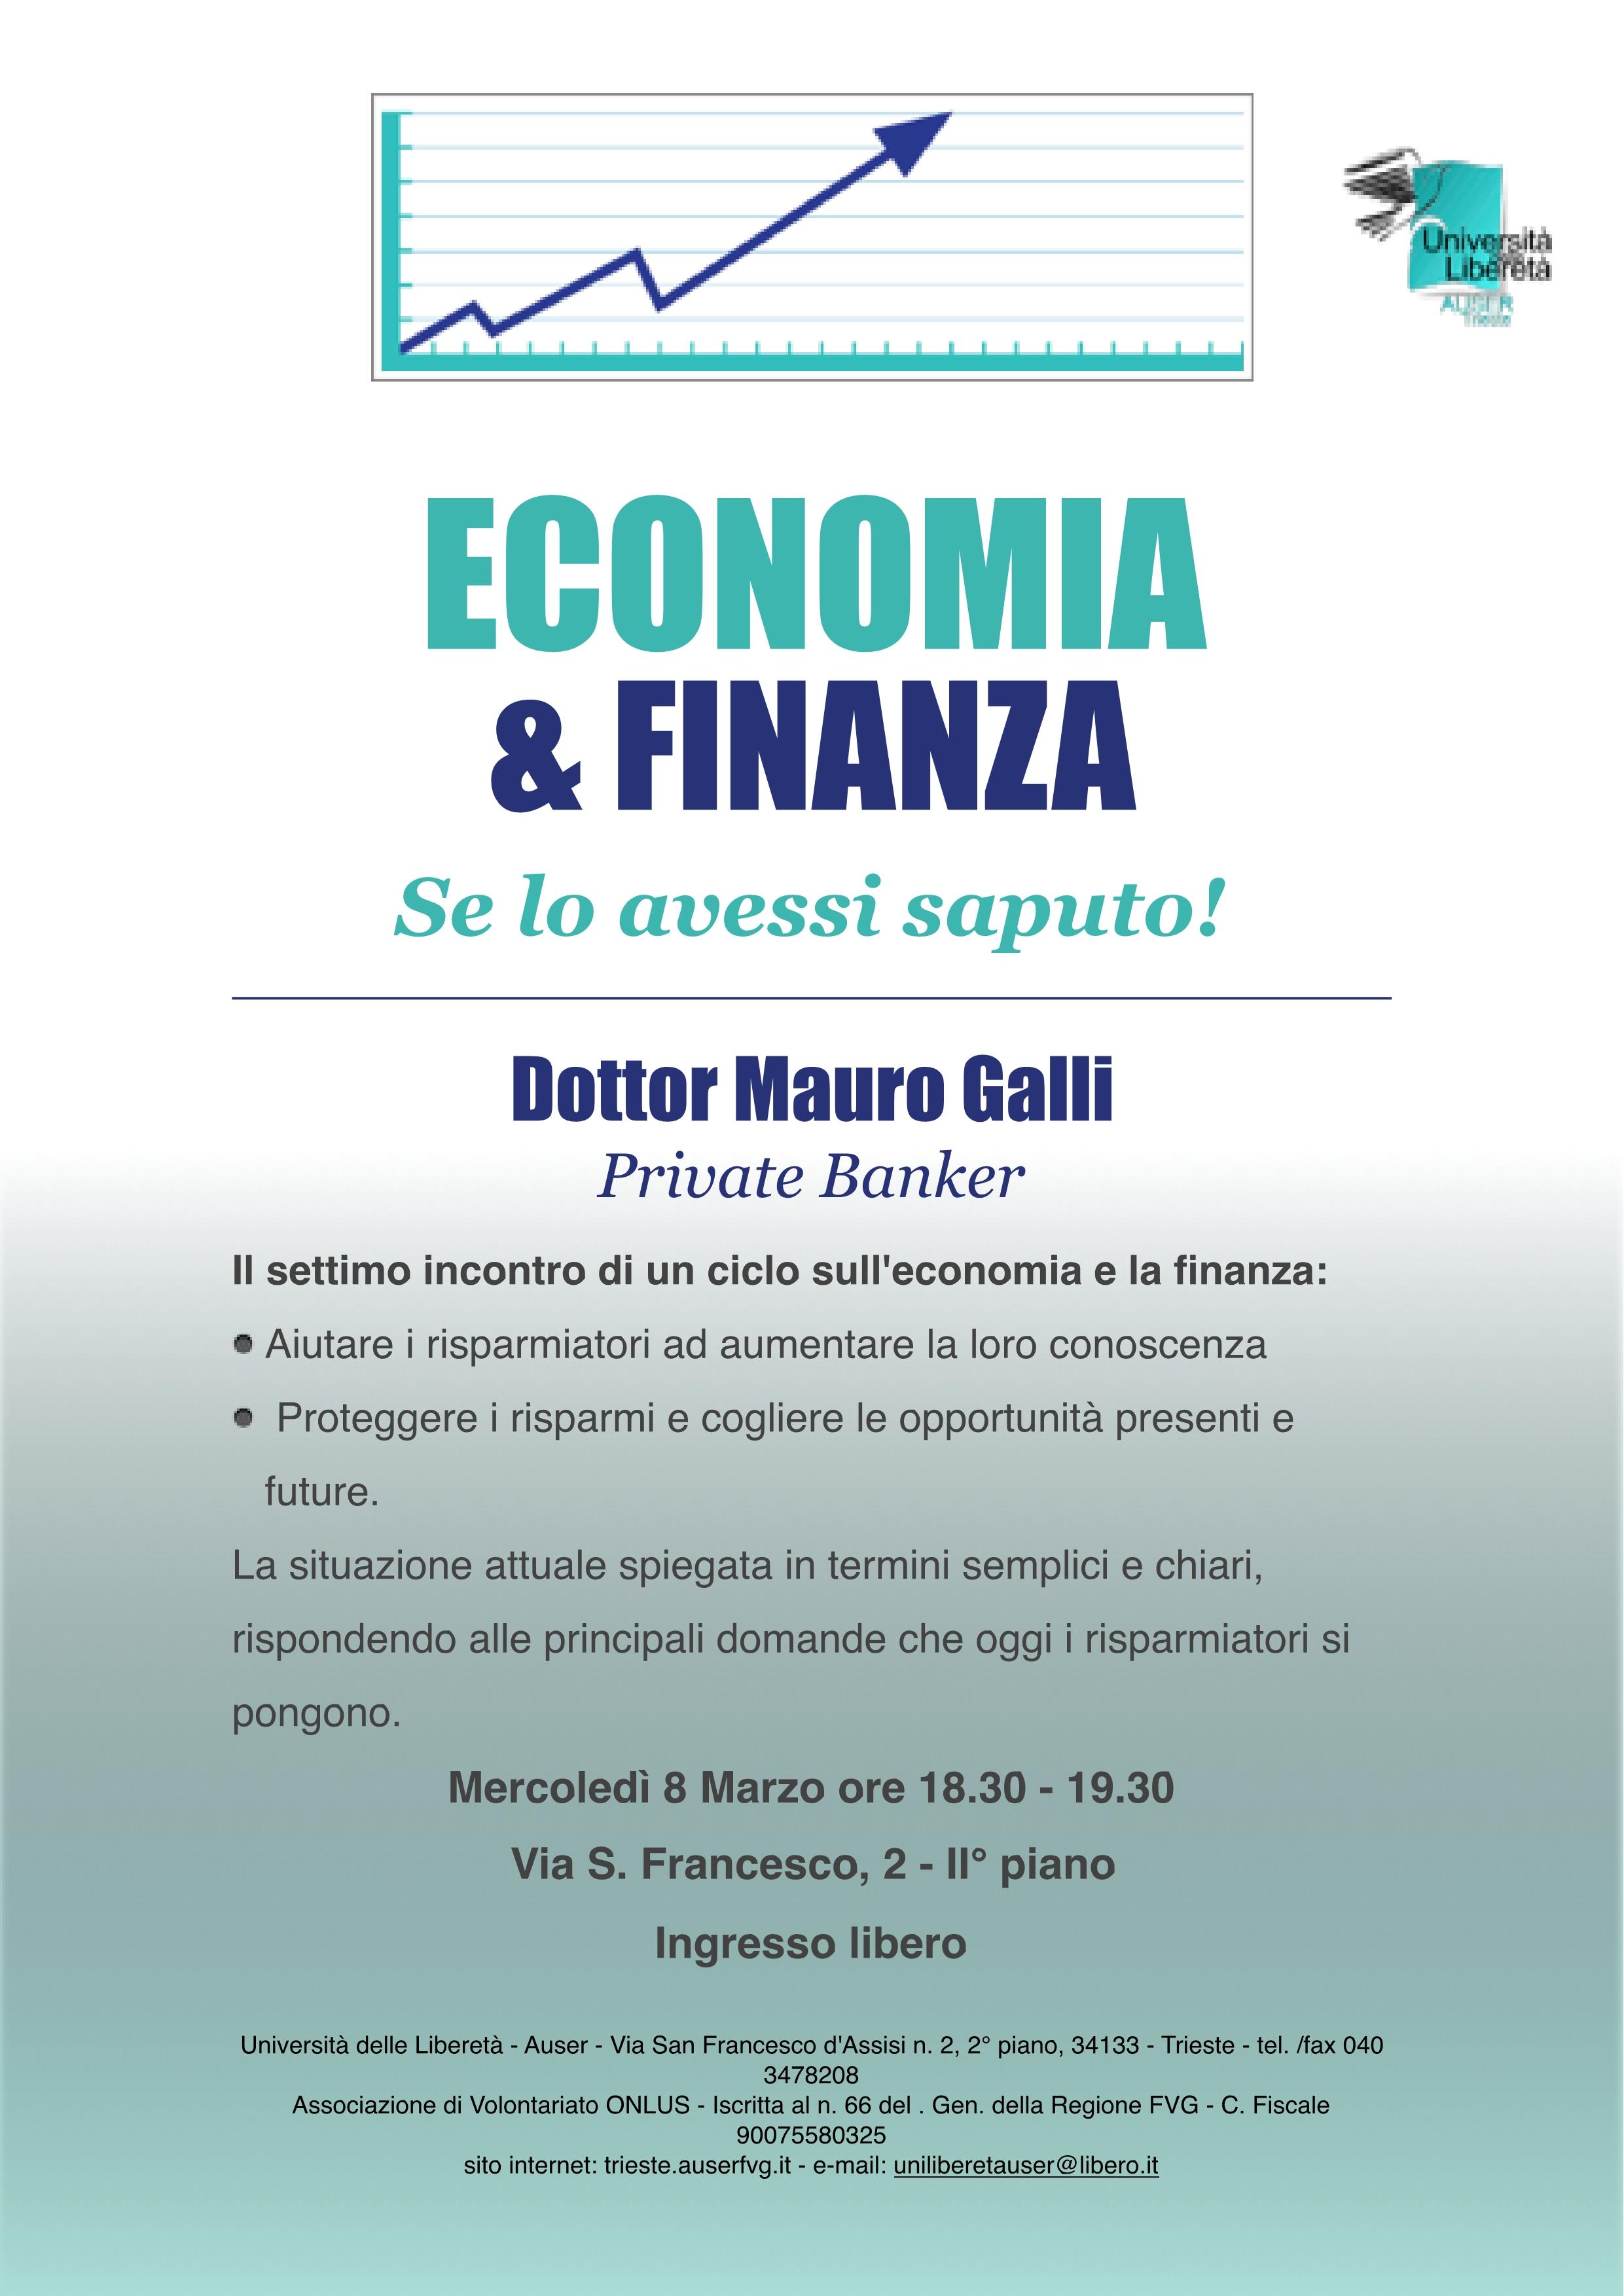 Economia e finanza 8-3-17